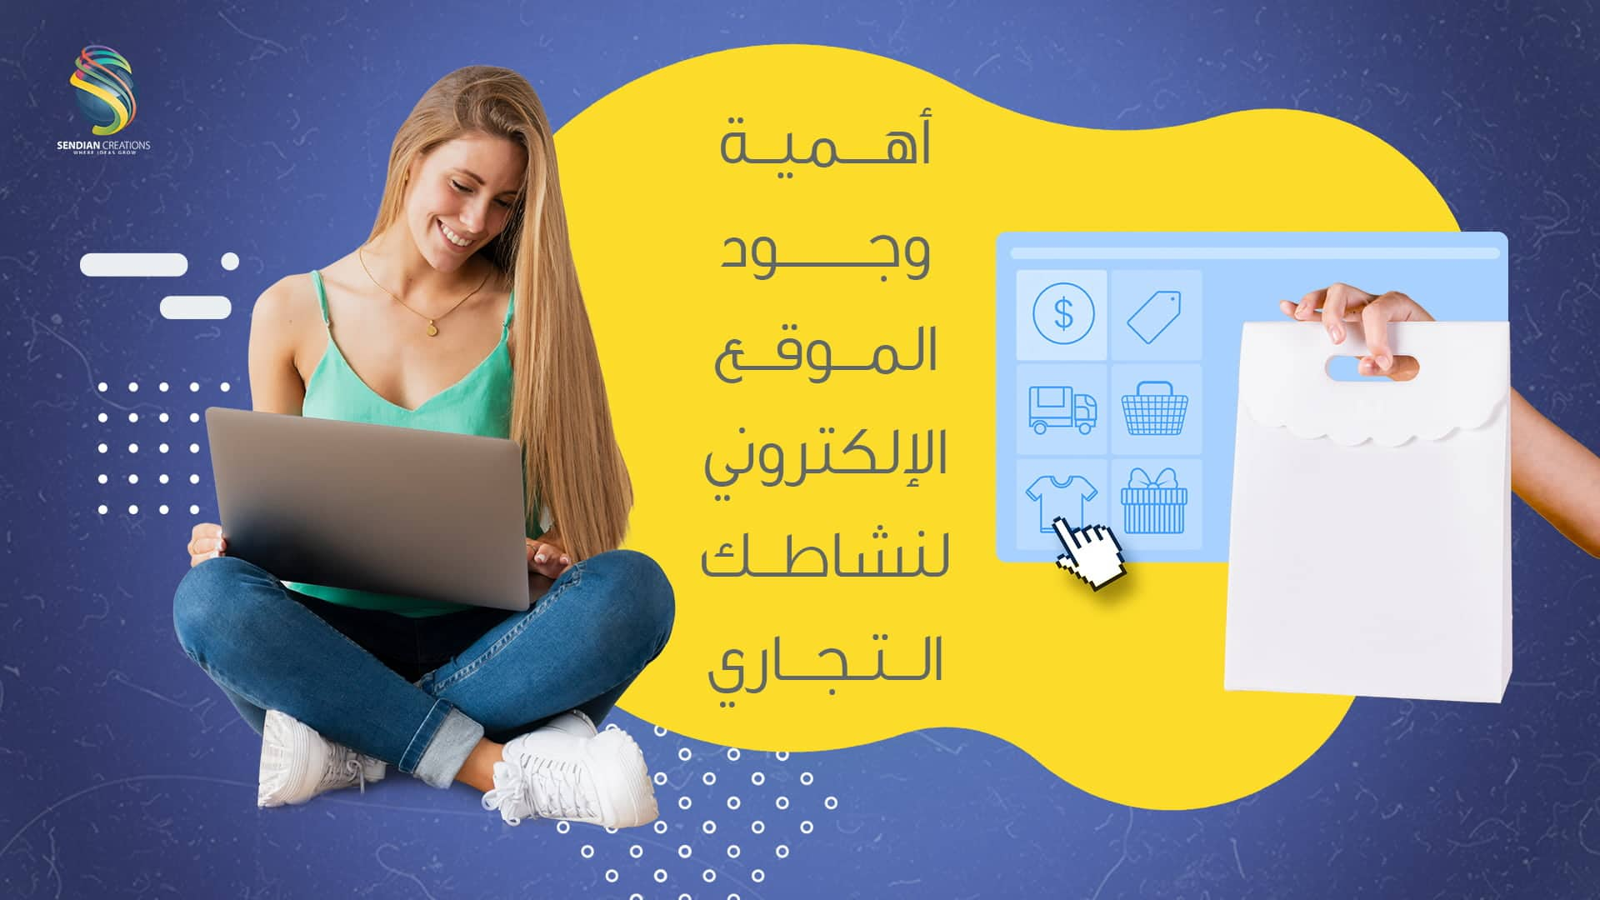 أهمية وجود الموقع الإلكتروني لنشاطك التجاري